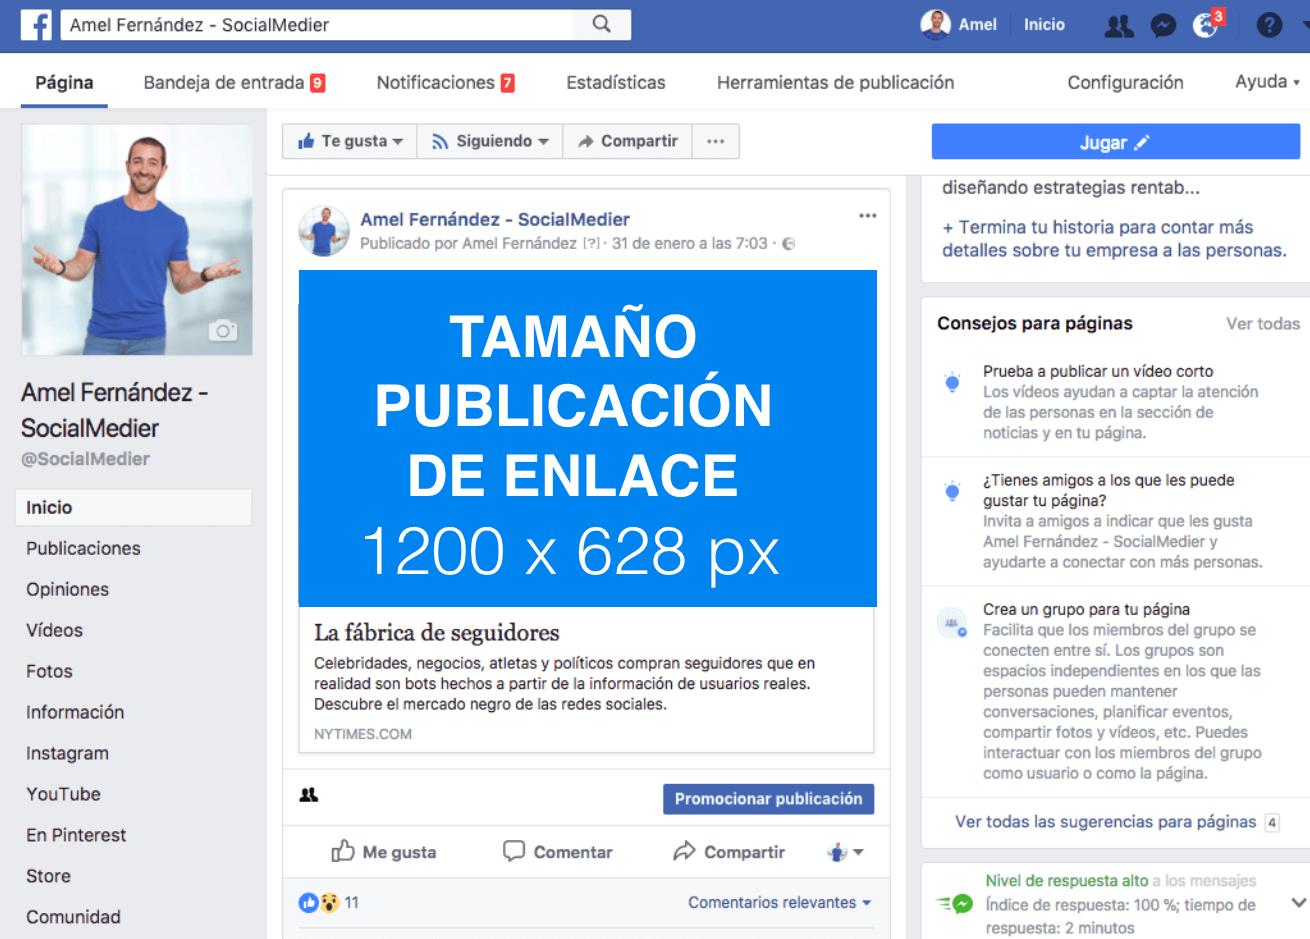 tamano-imagenes-facebook-publicaciones-enlace